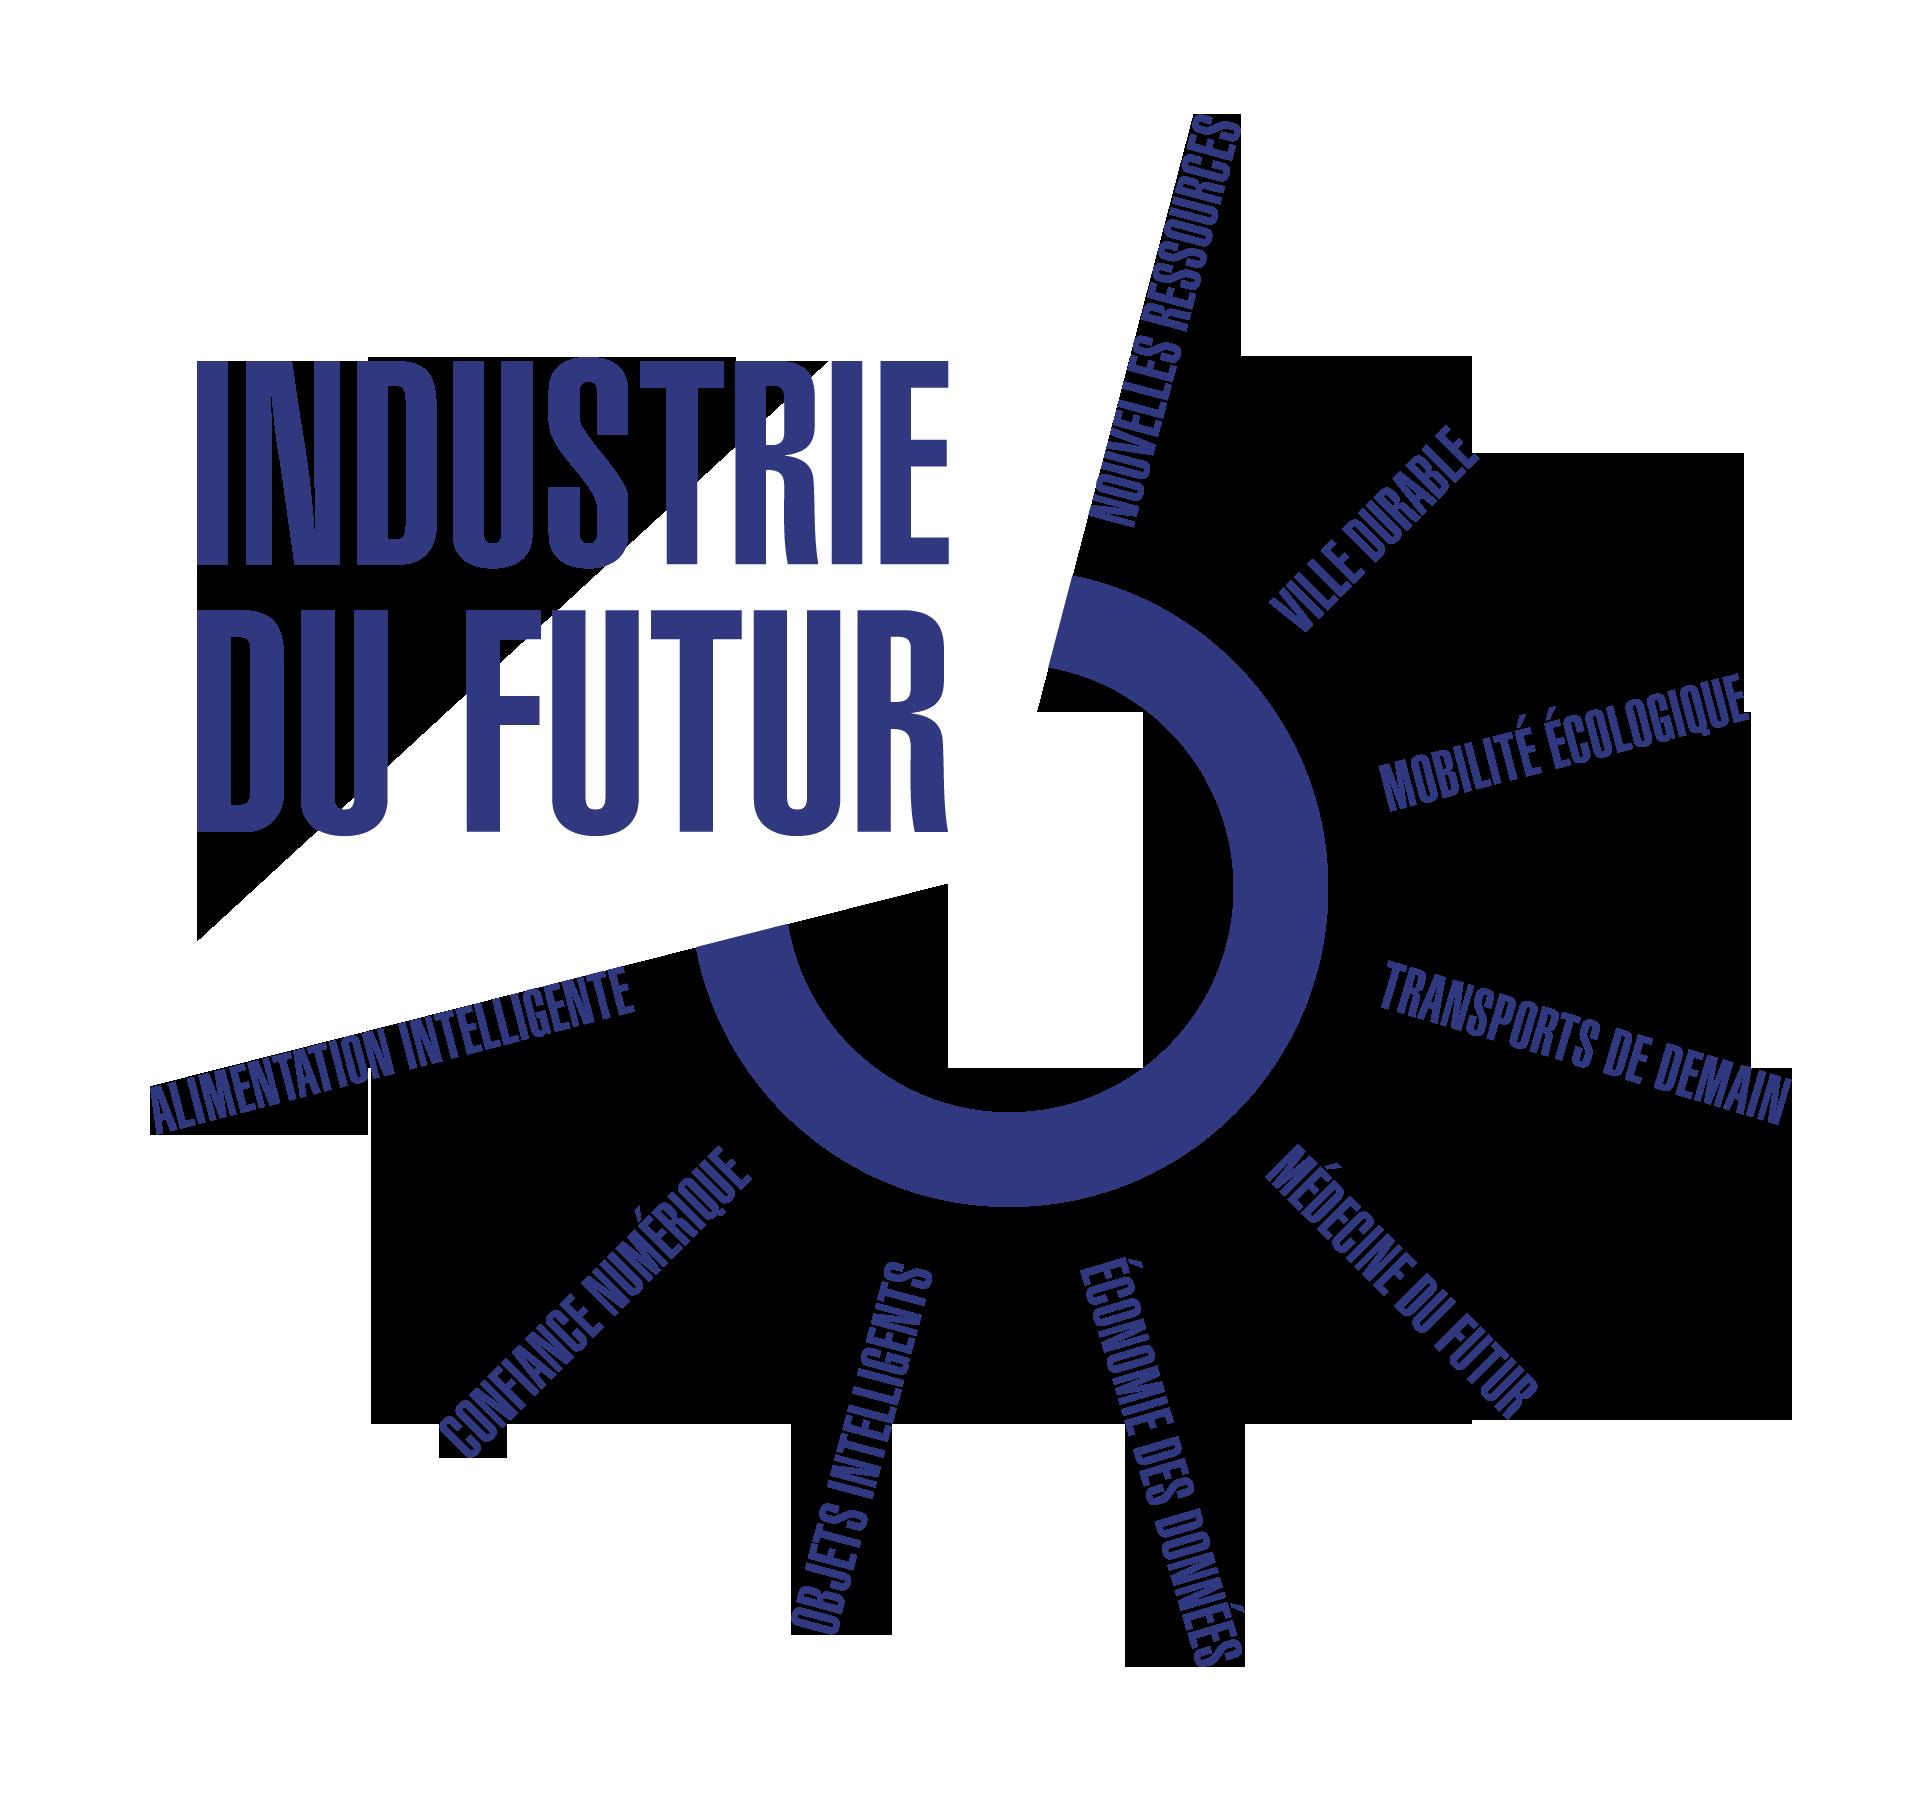 Installation du comit de pilotage du projet industrie du for Salon industrie du futur